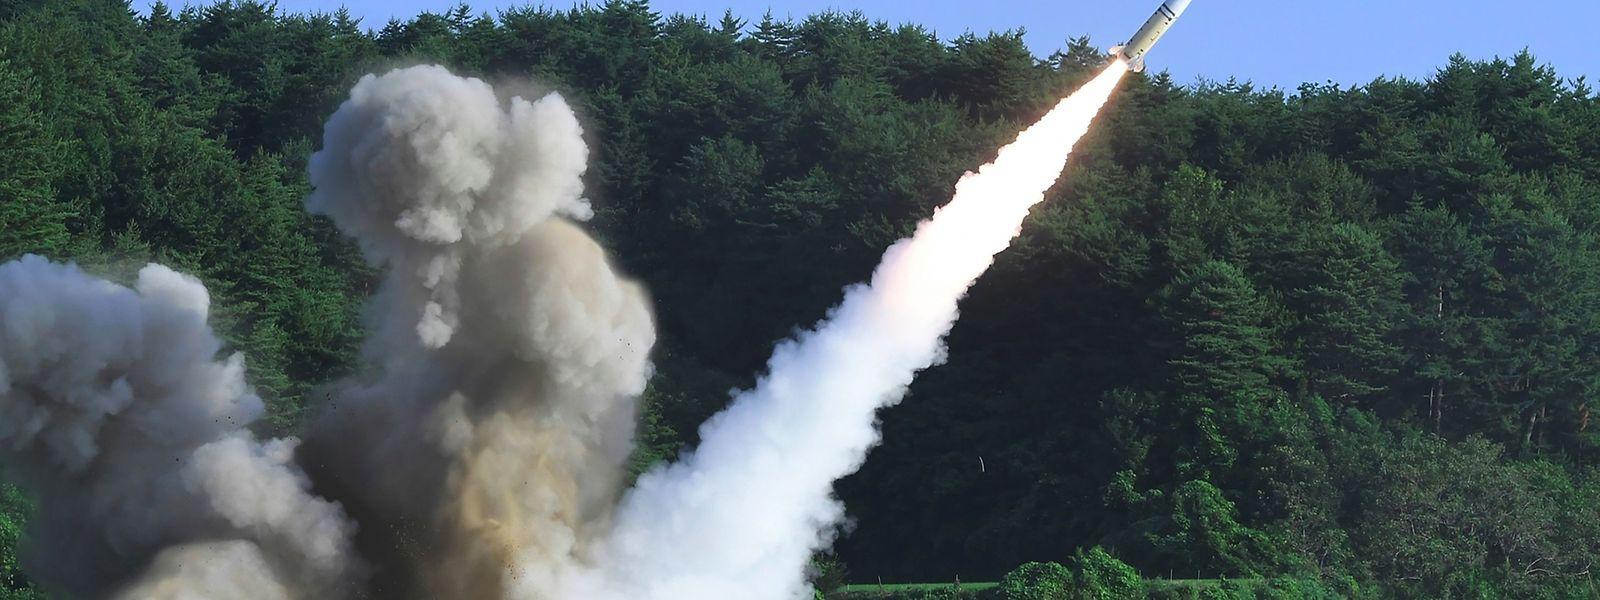 Südkoreanische Streitkräfte führten nach dem Test eigene Militärmanöver durch, unter anderem mit US-amerikanischen Raketen-Abwehrwaffen.